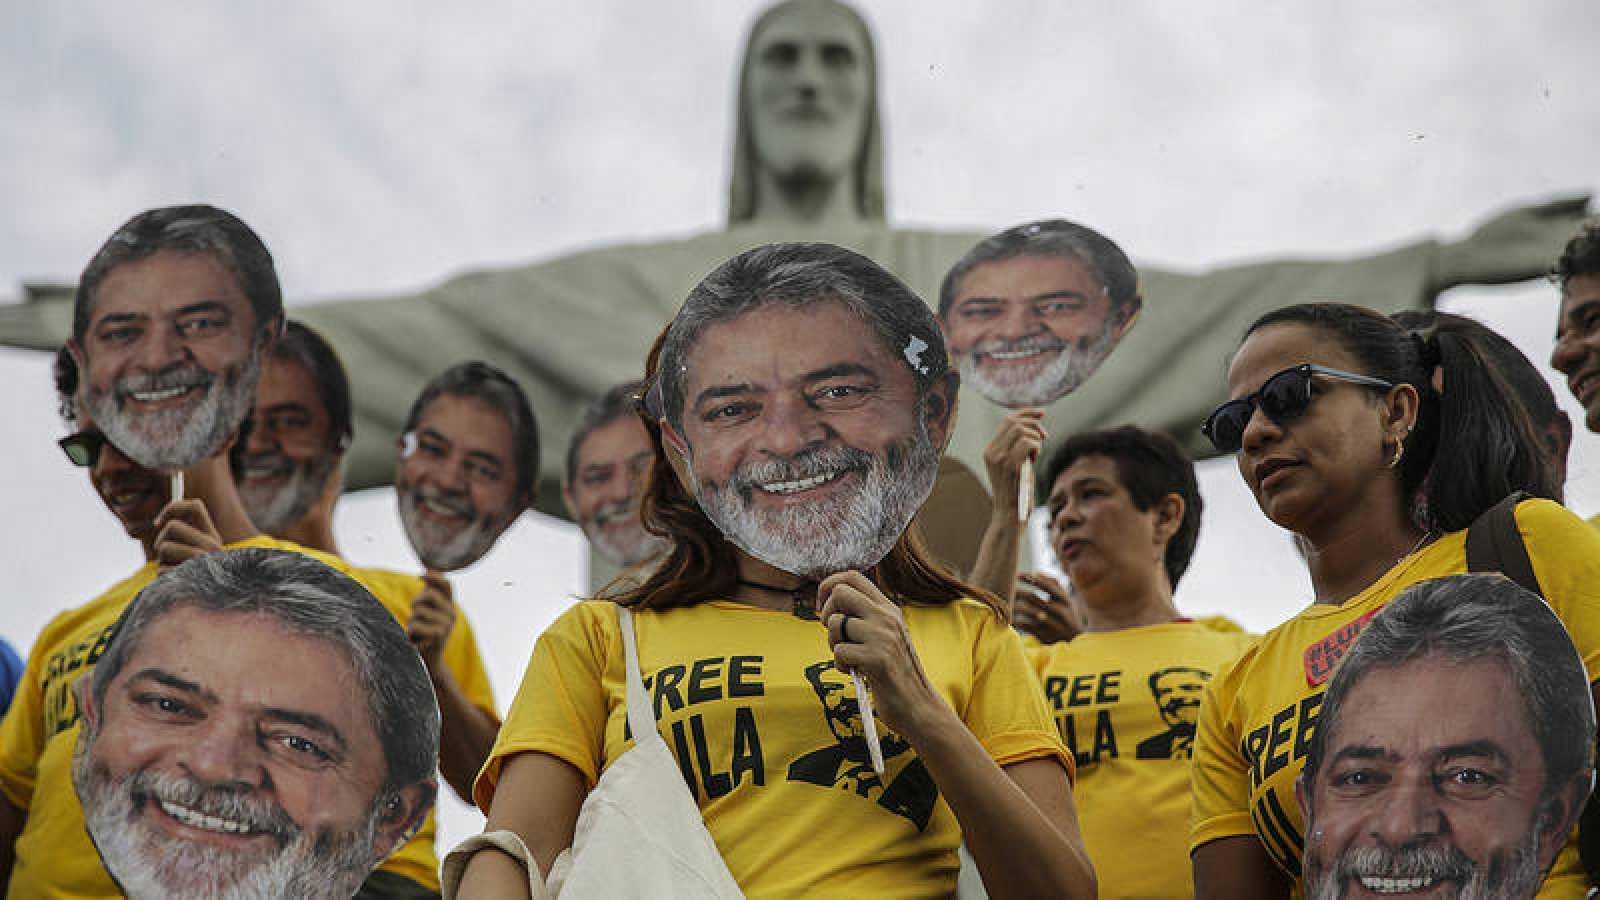 Seguidores de Luiz Inácio Lula da Silva usan máscaras del expresidente brasilñeo en un acto donde piden su libertad